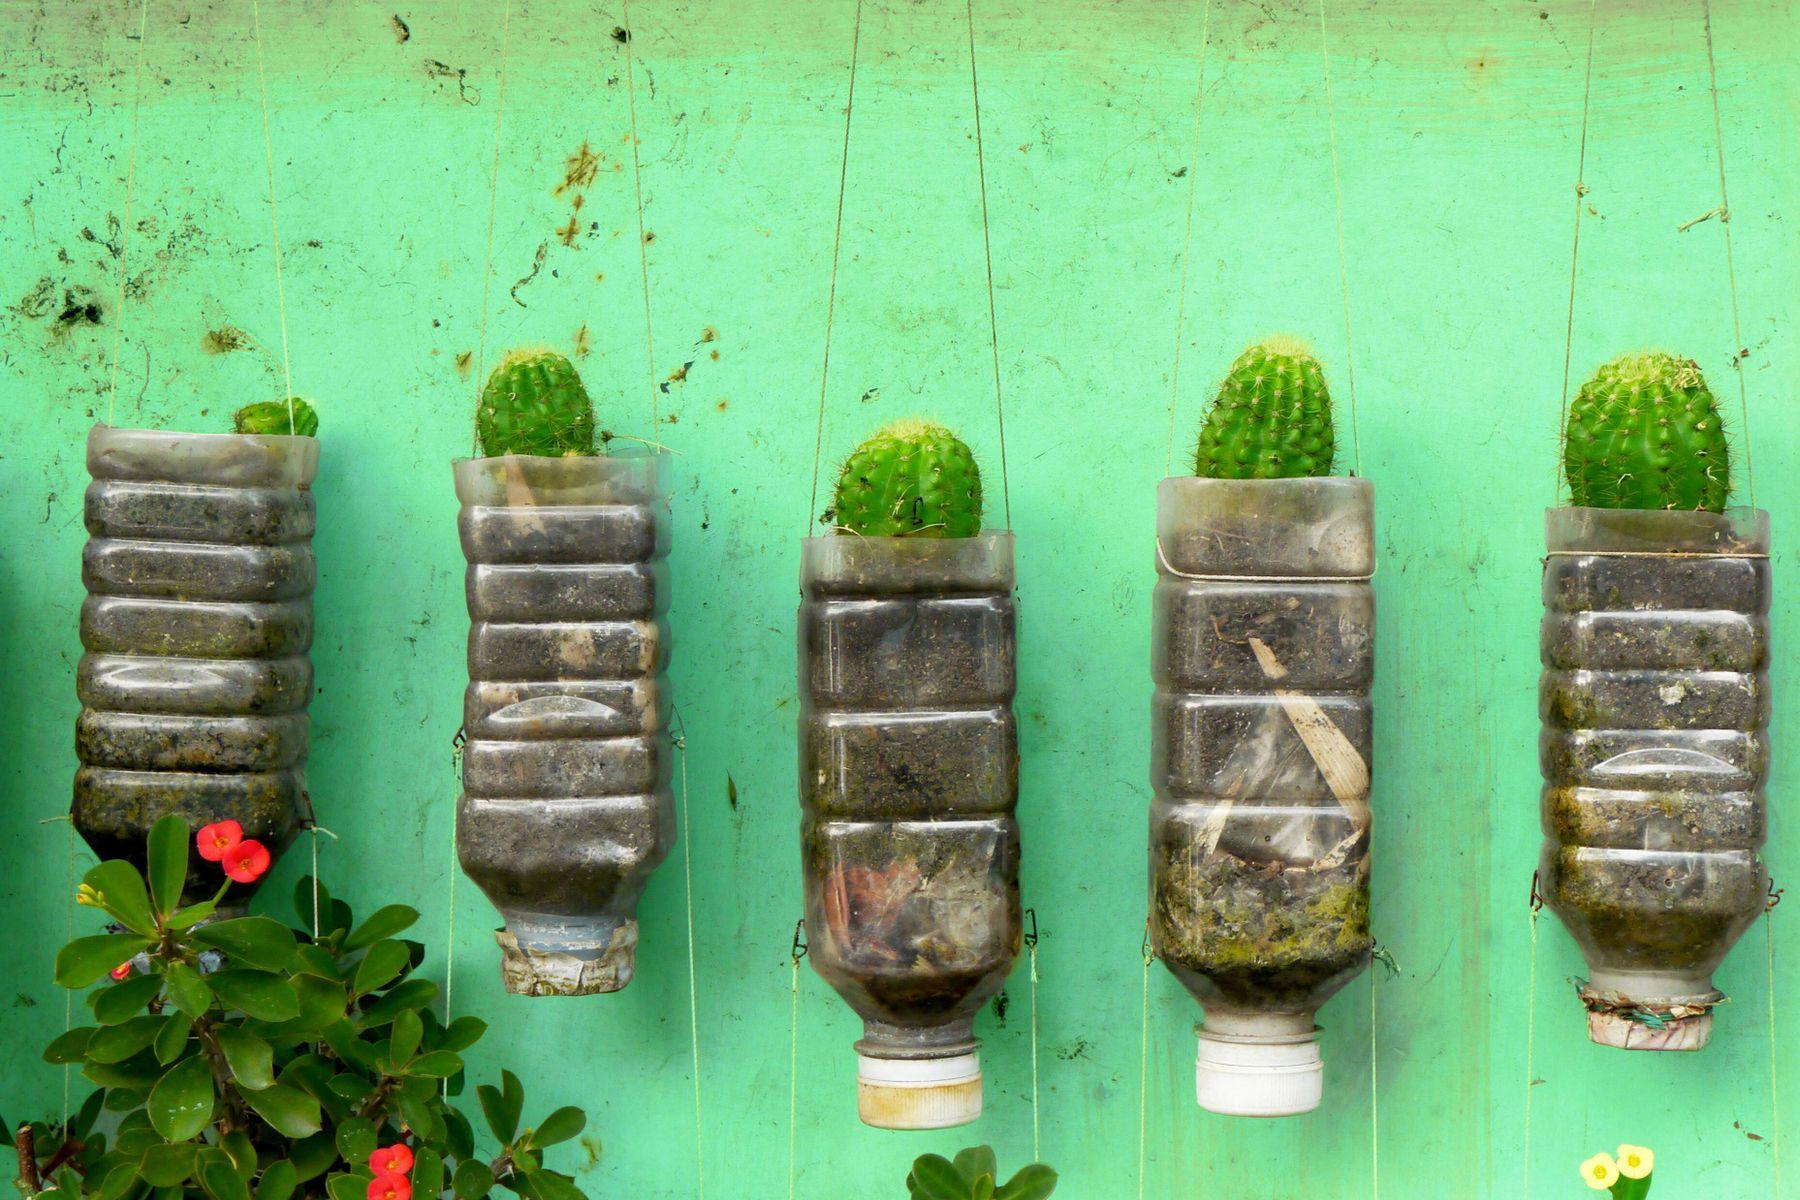 Bricolage Con Bottiglie Di Plastica.5 Idee Per Creare Porta Piante Fai Da Te Cleanipedia